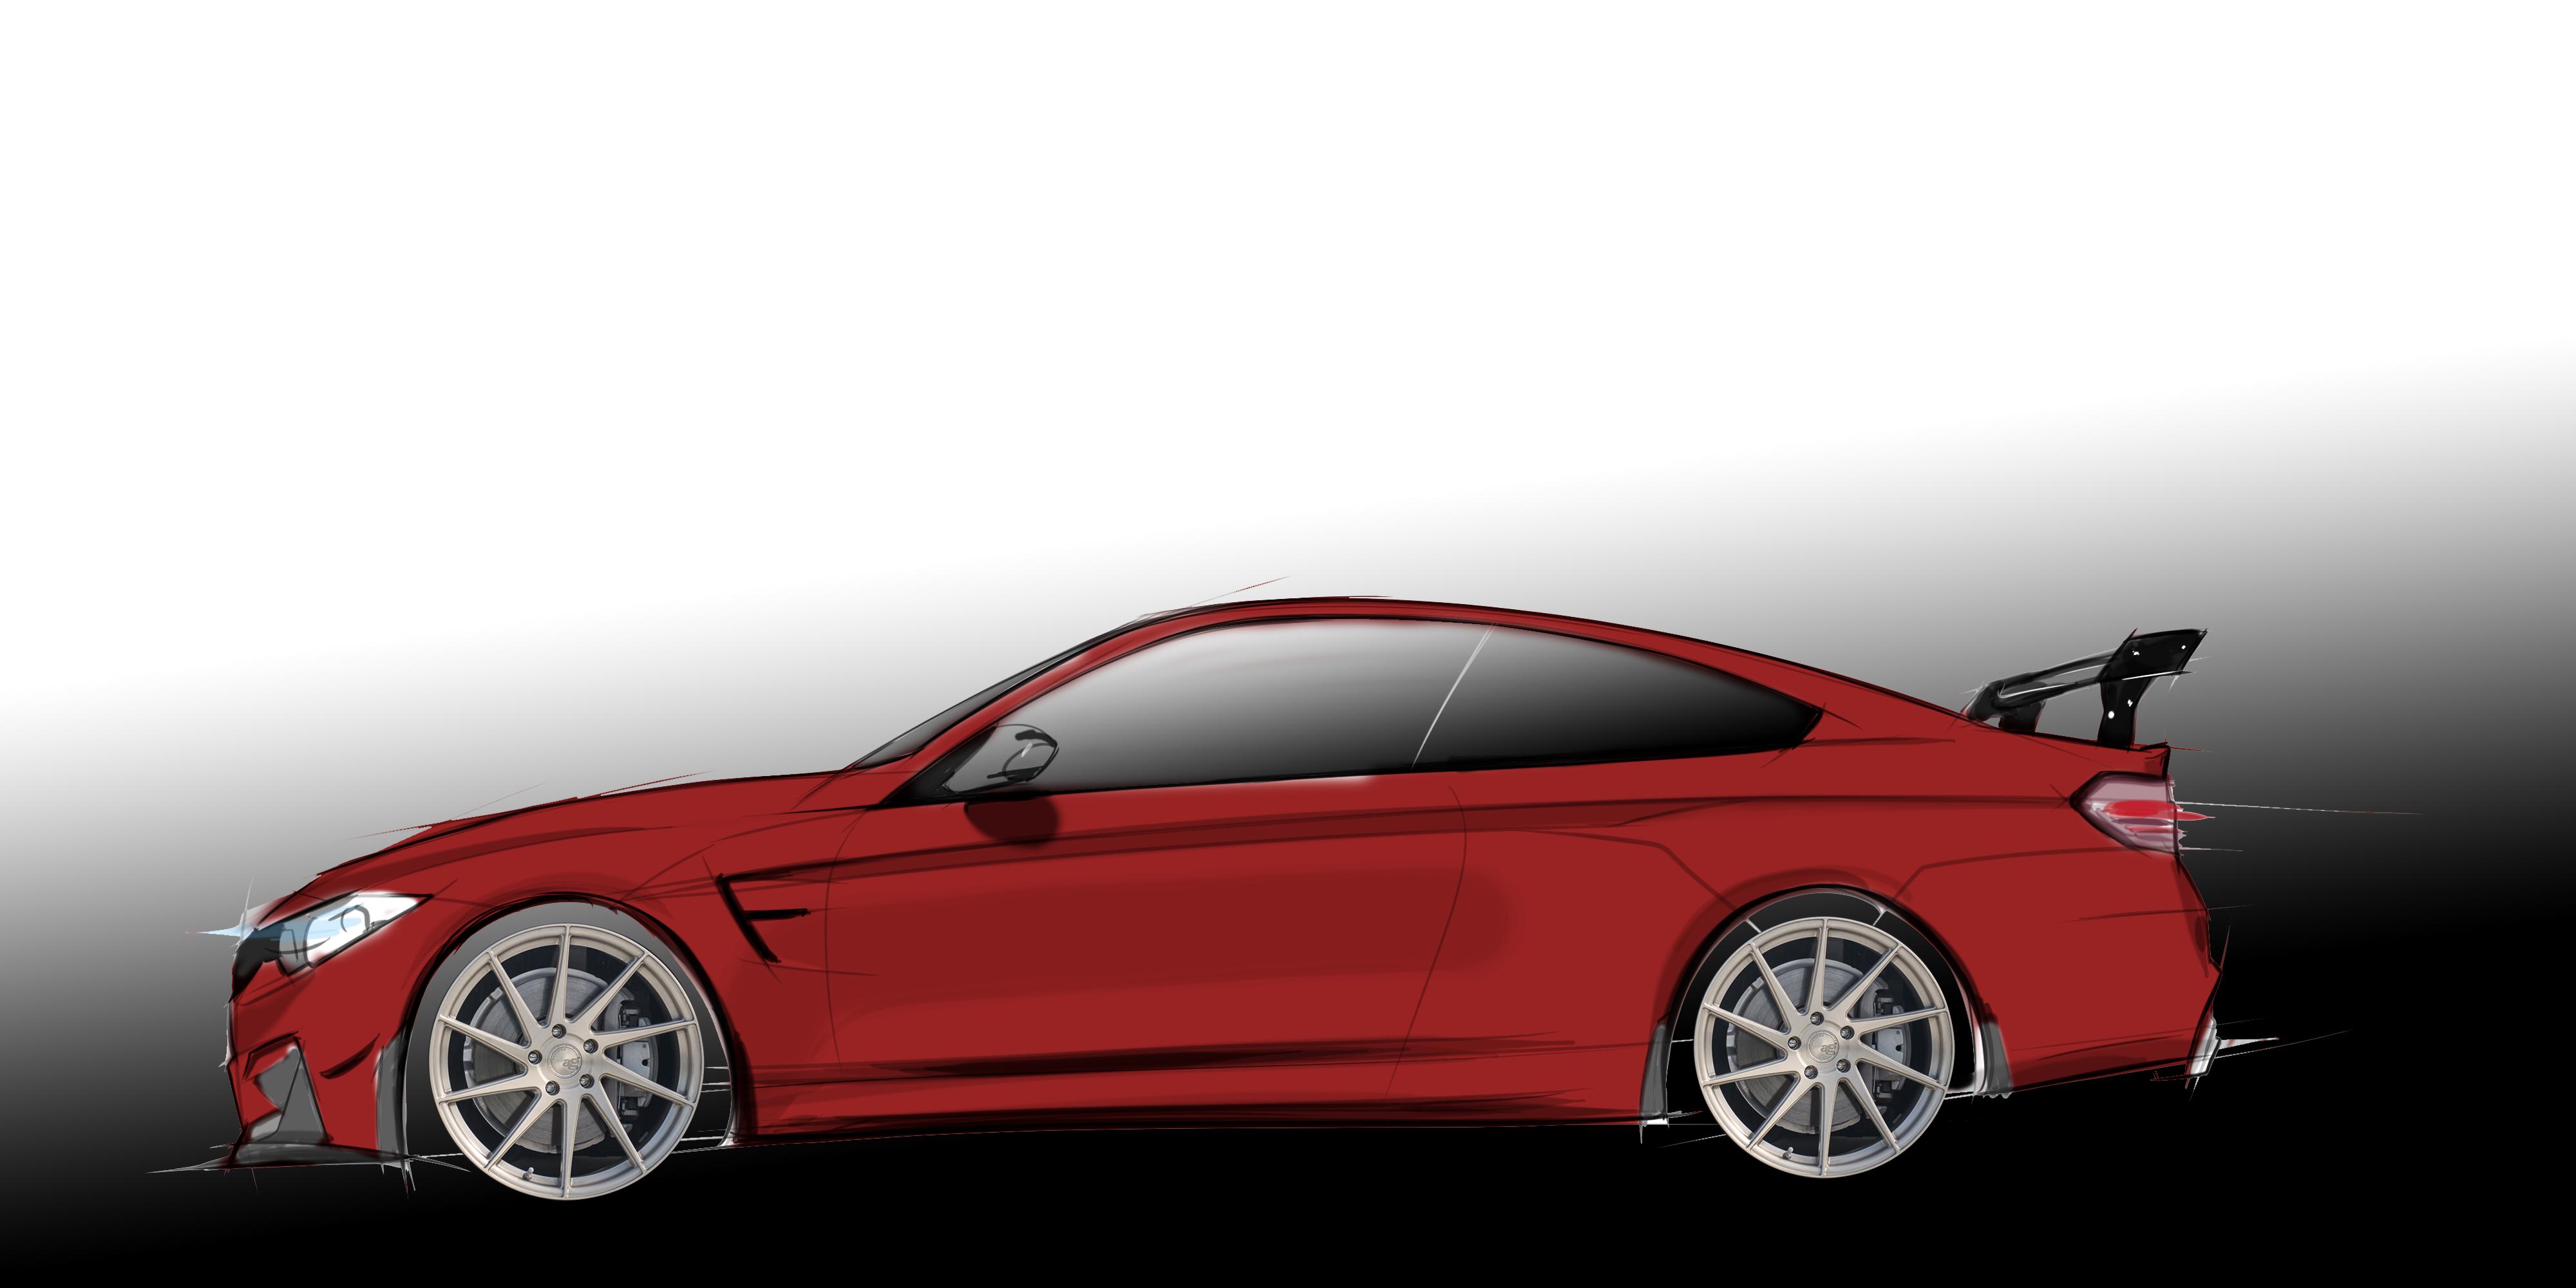 Red BMW M4 F80 F82 Hand Drawn Digtal Car Sketch Rendering